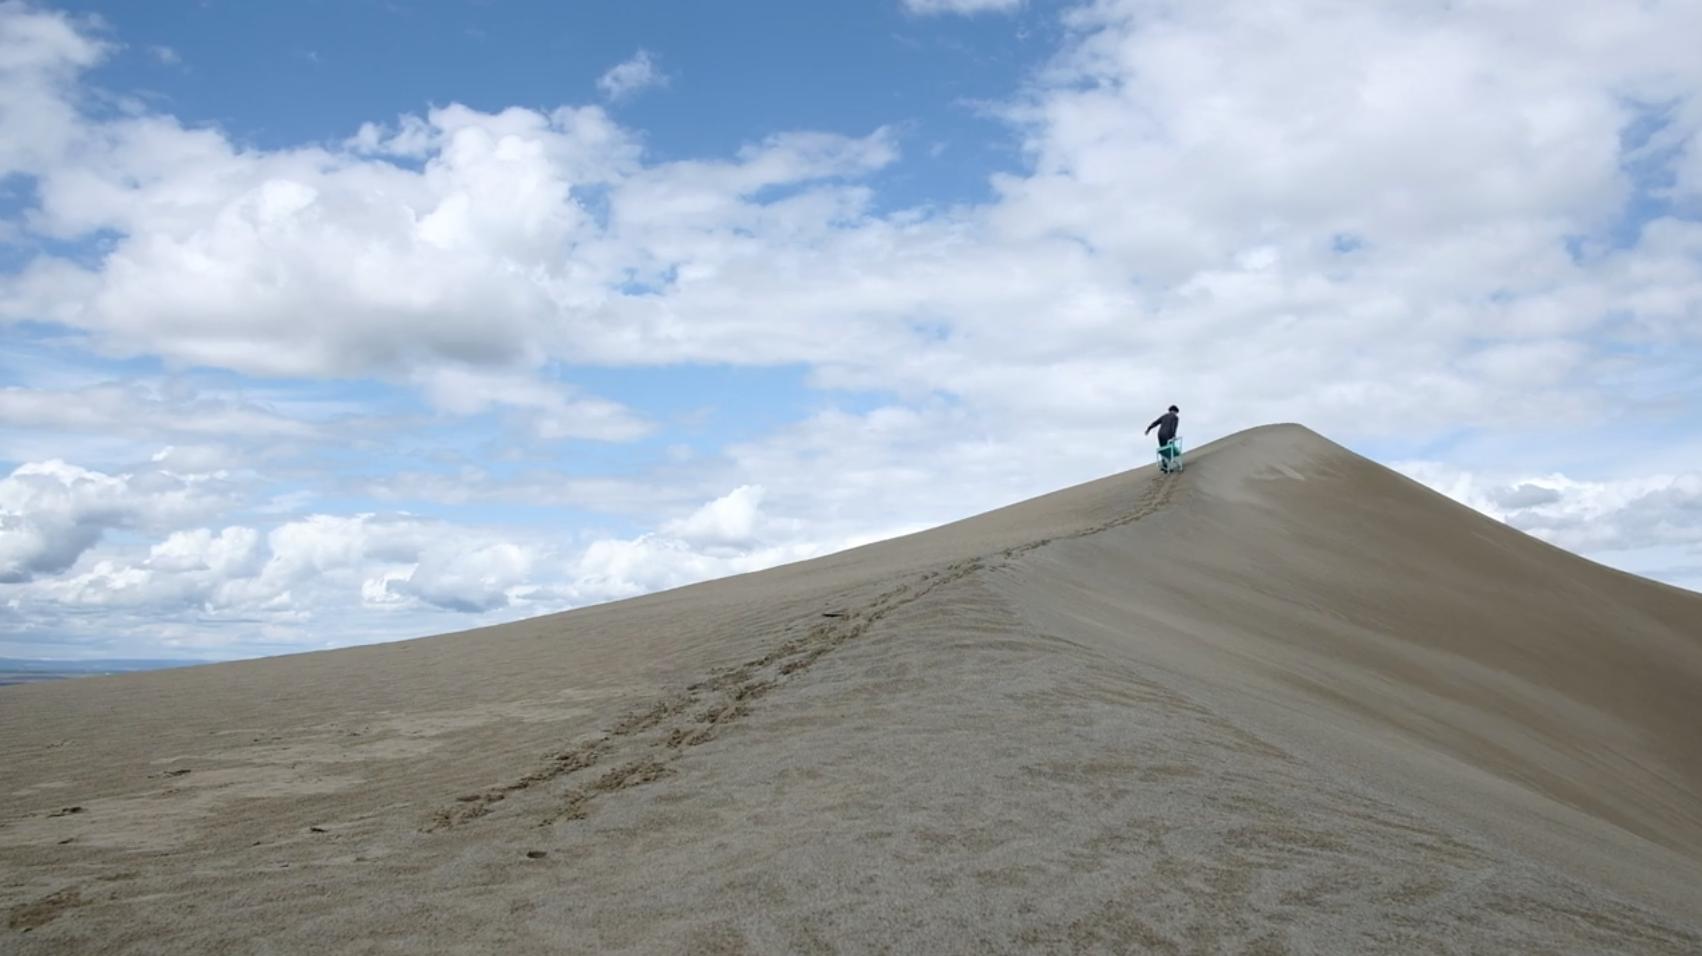 dune climb_7.png